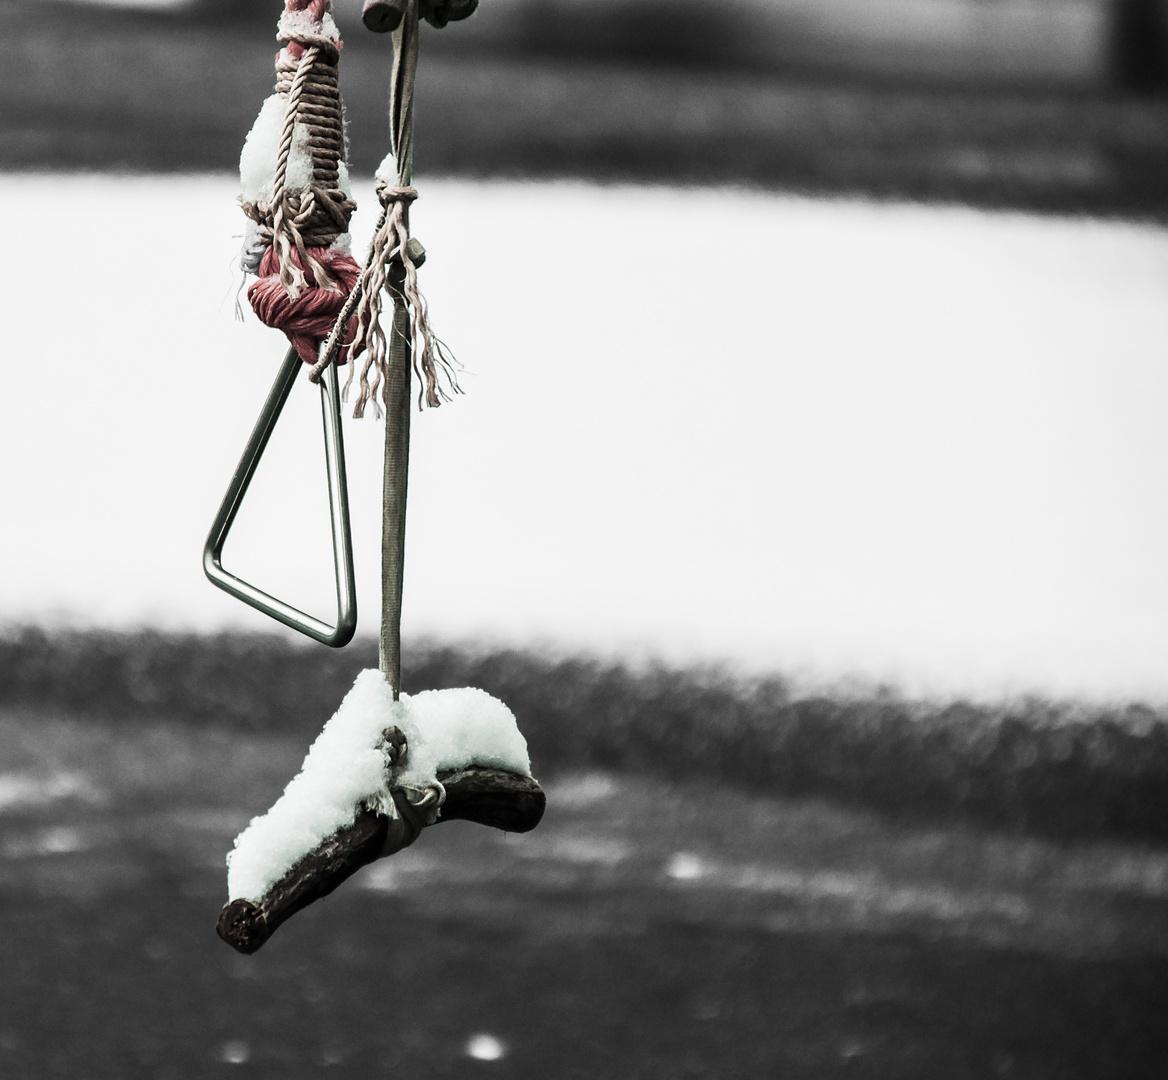 zu kalt zum Spielen